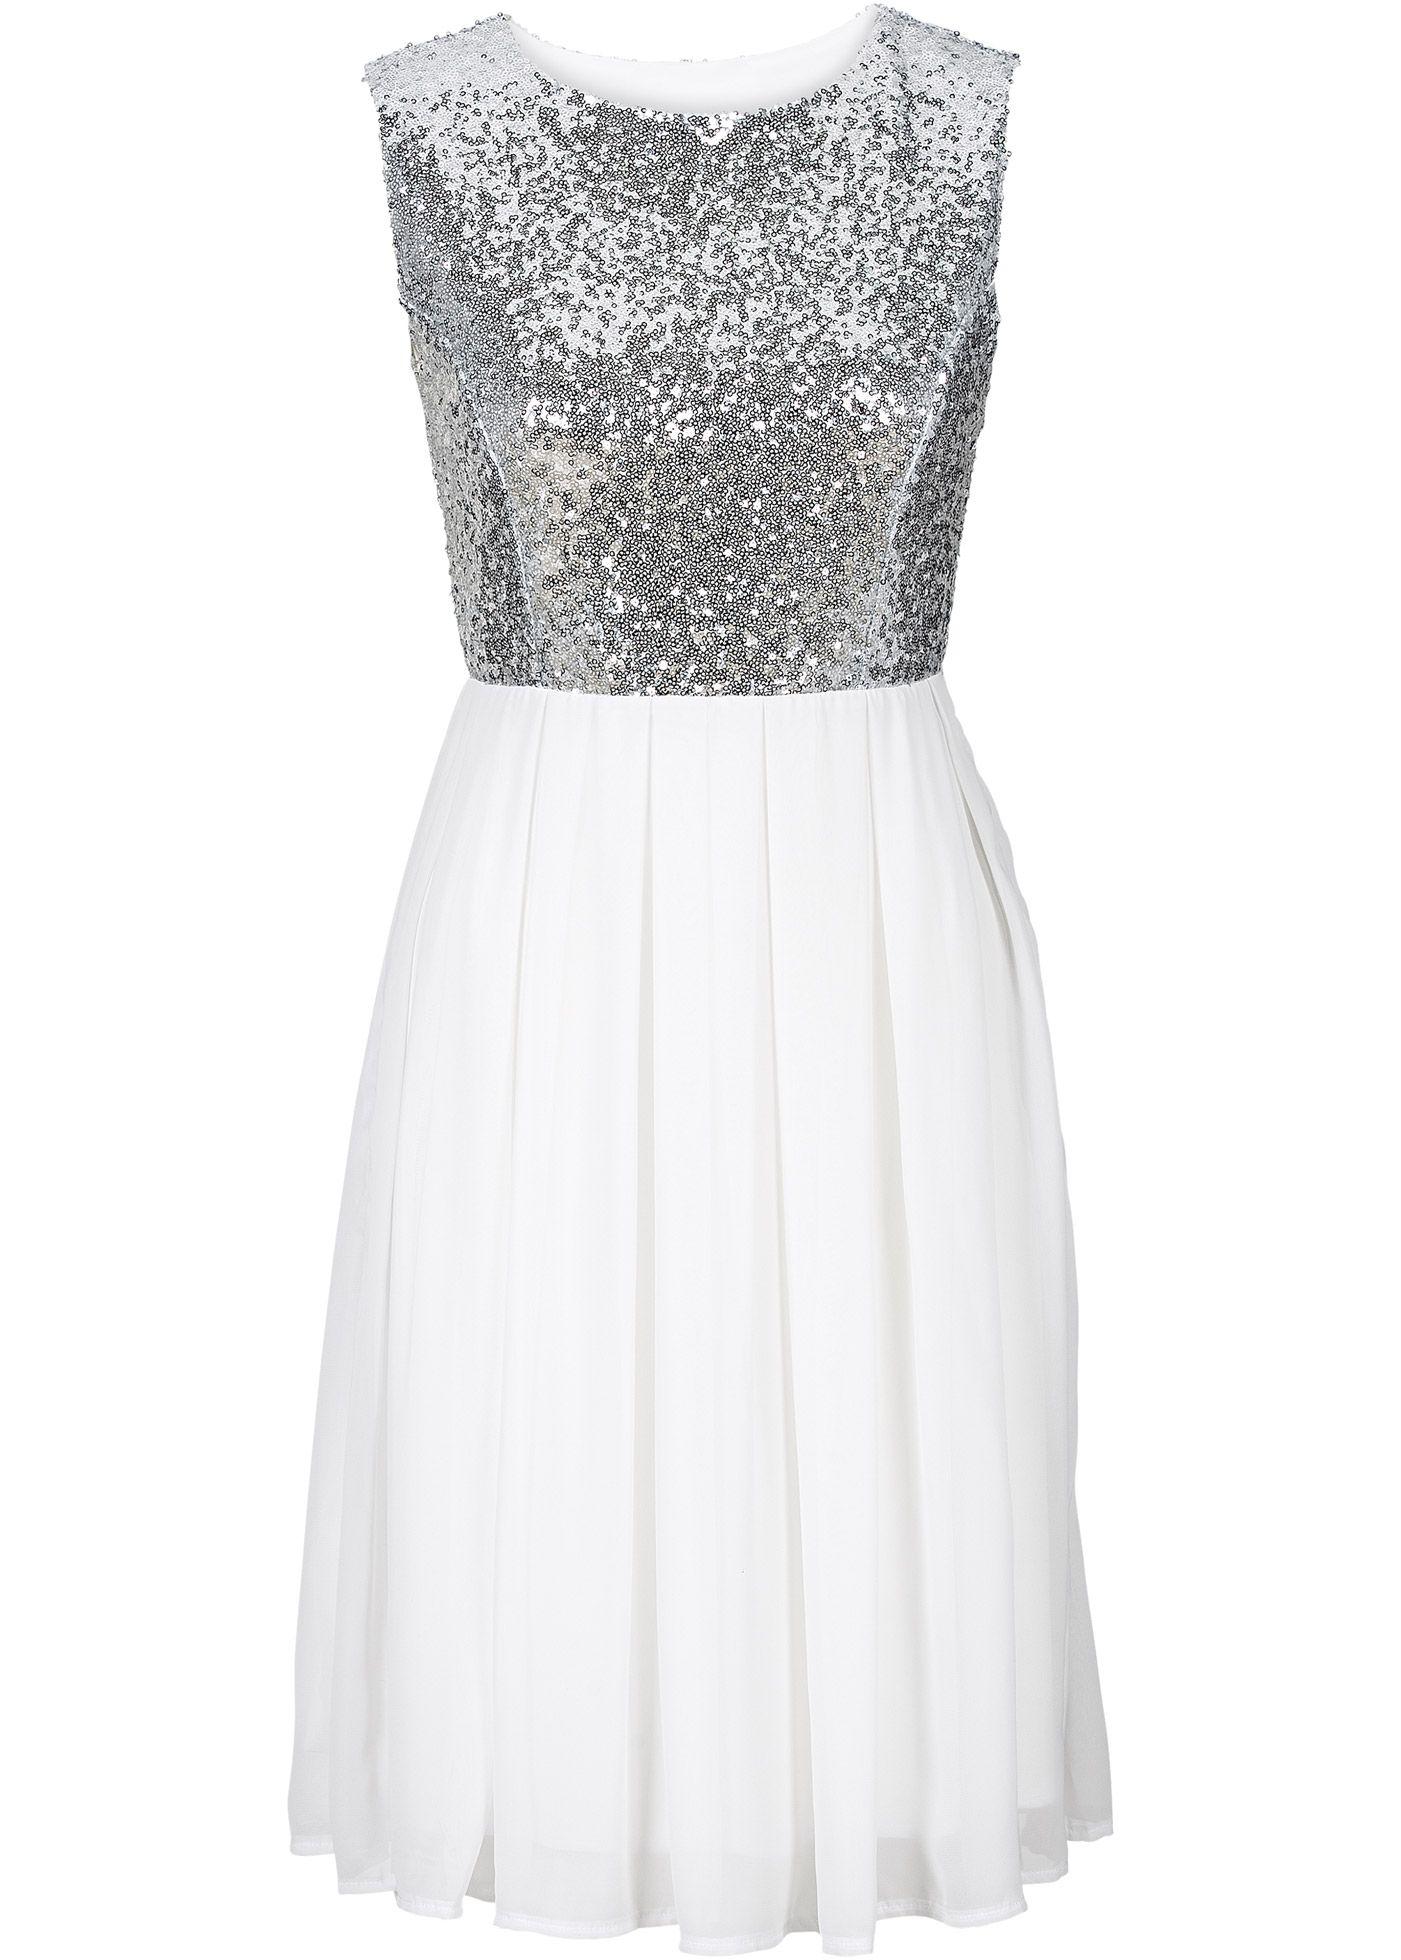 Kleid, BODYFLIRT, weiß/silber | Sooo Me! | Pinterest | Lange kleider ...